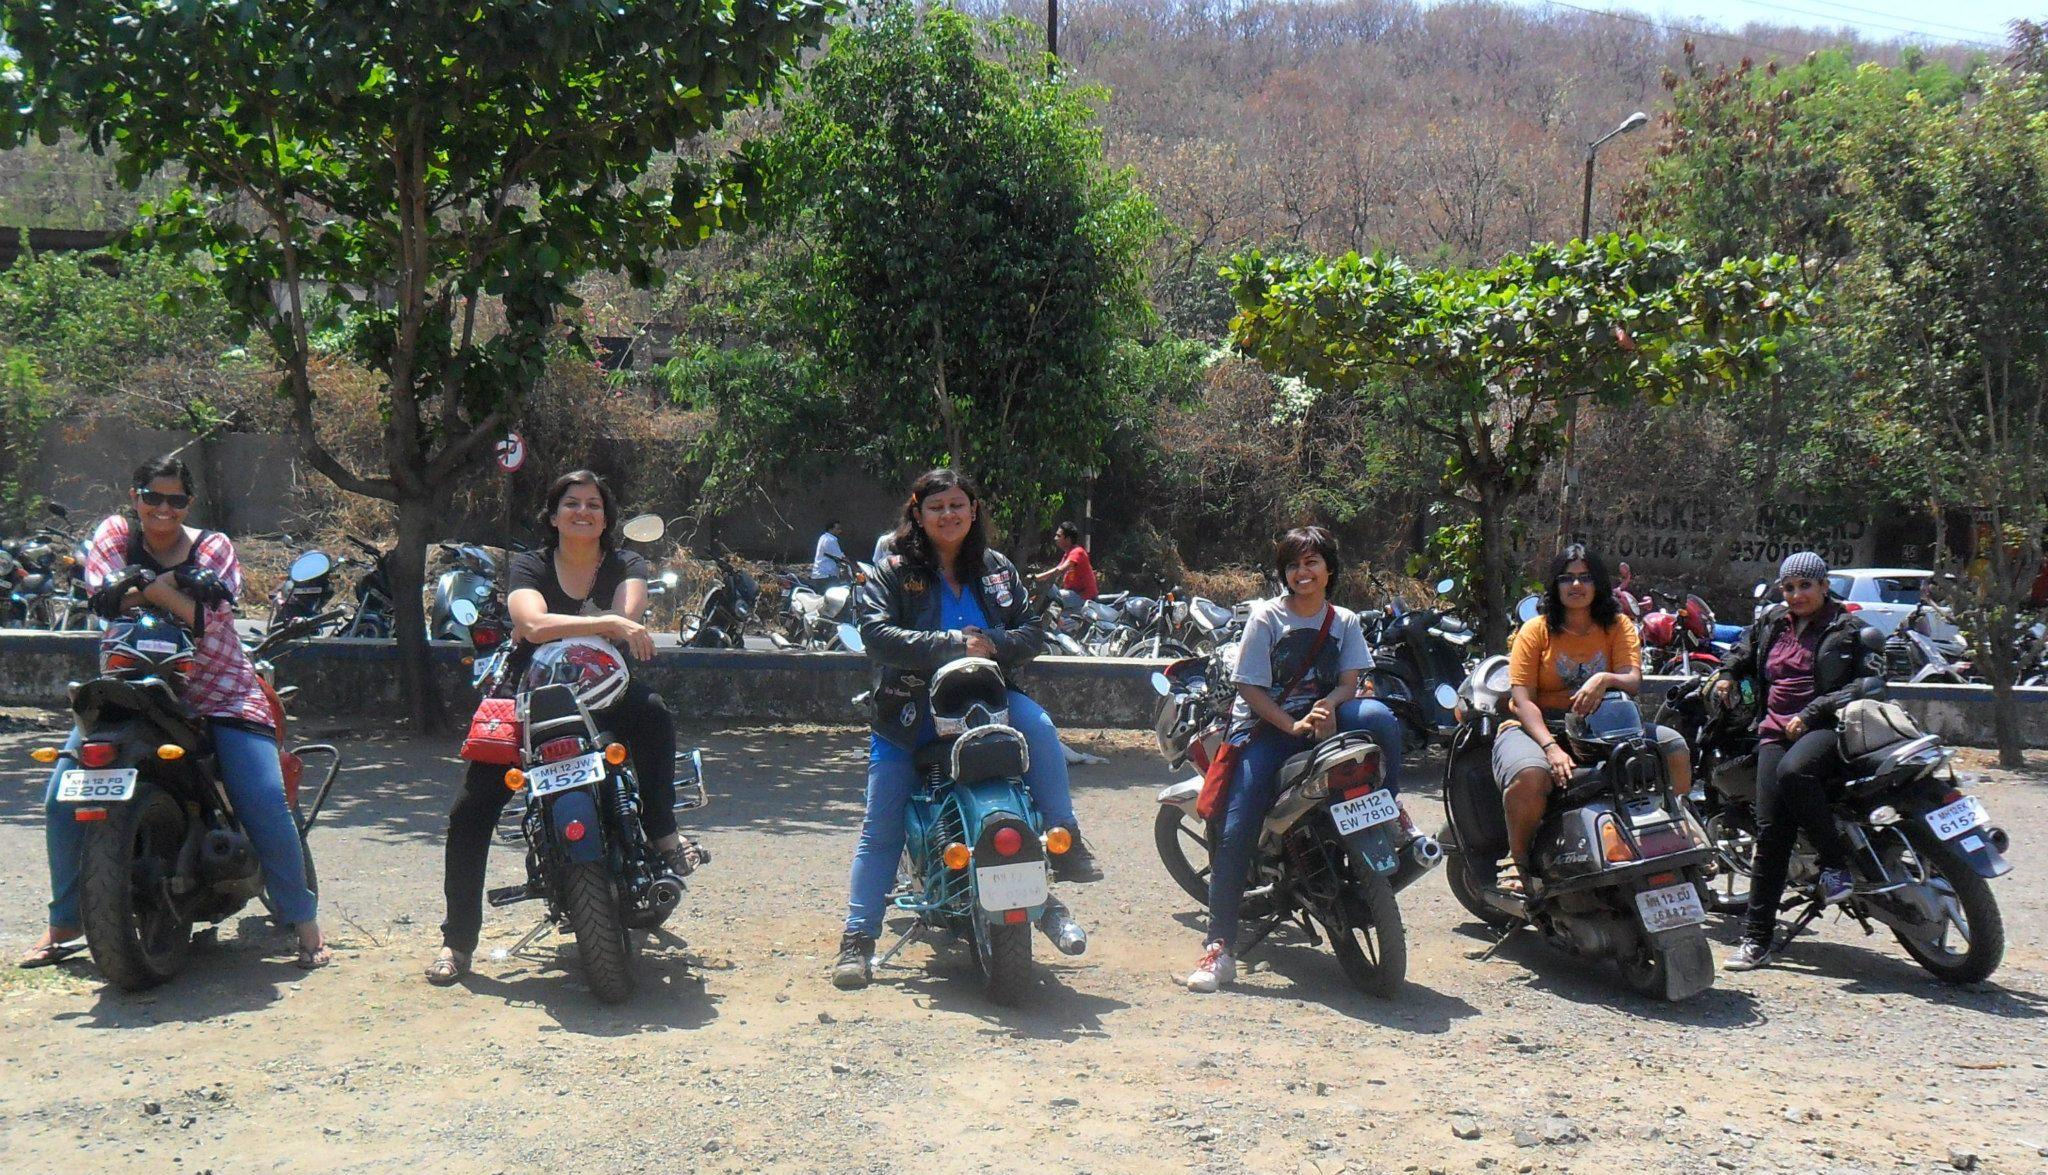 Biker chicks India